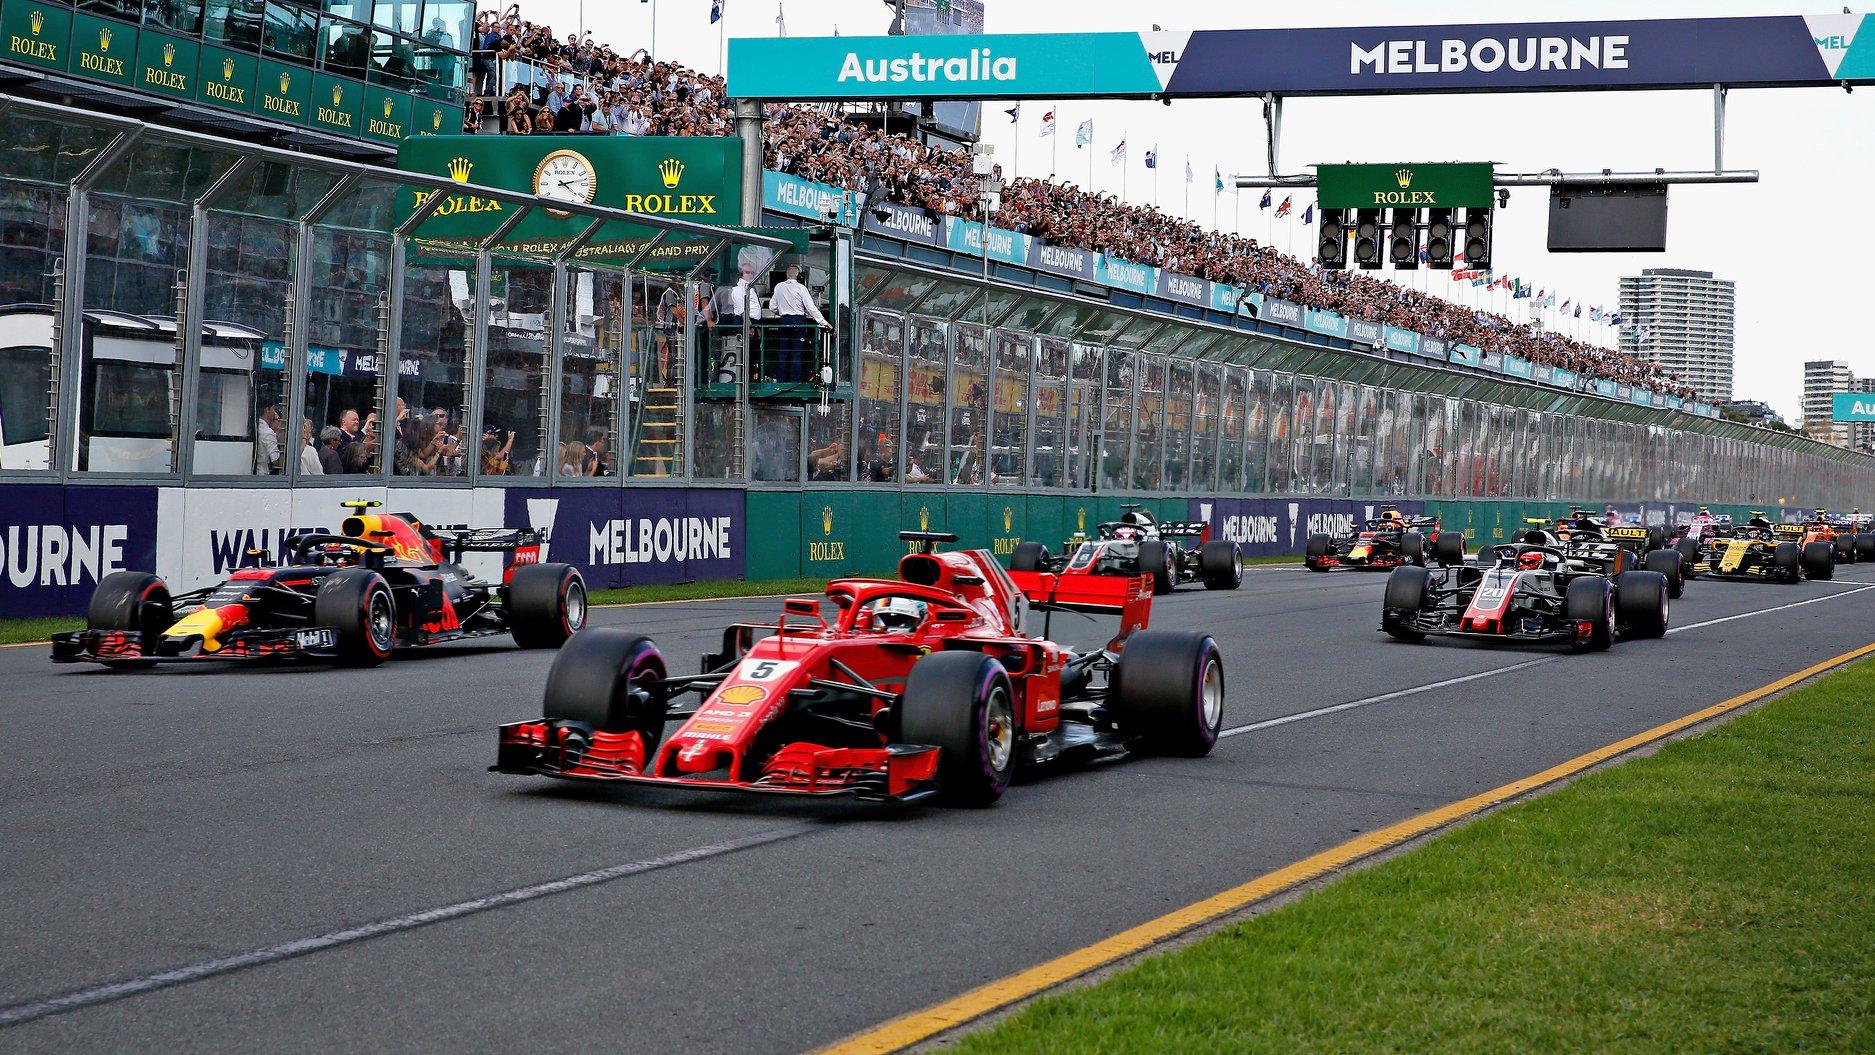 2018 Australian Grand Prix start